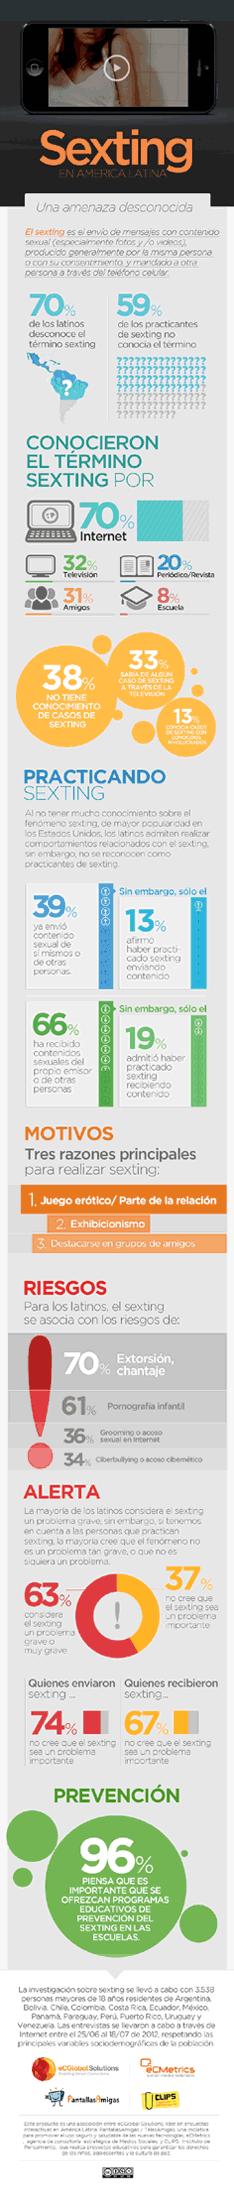 Infografía estudio Sexting en América Latina